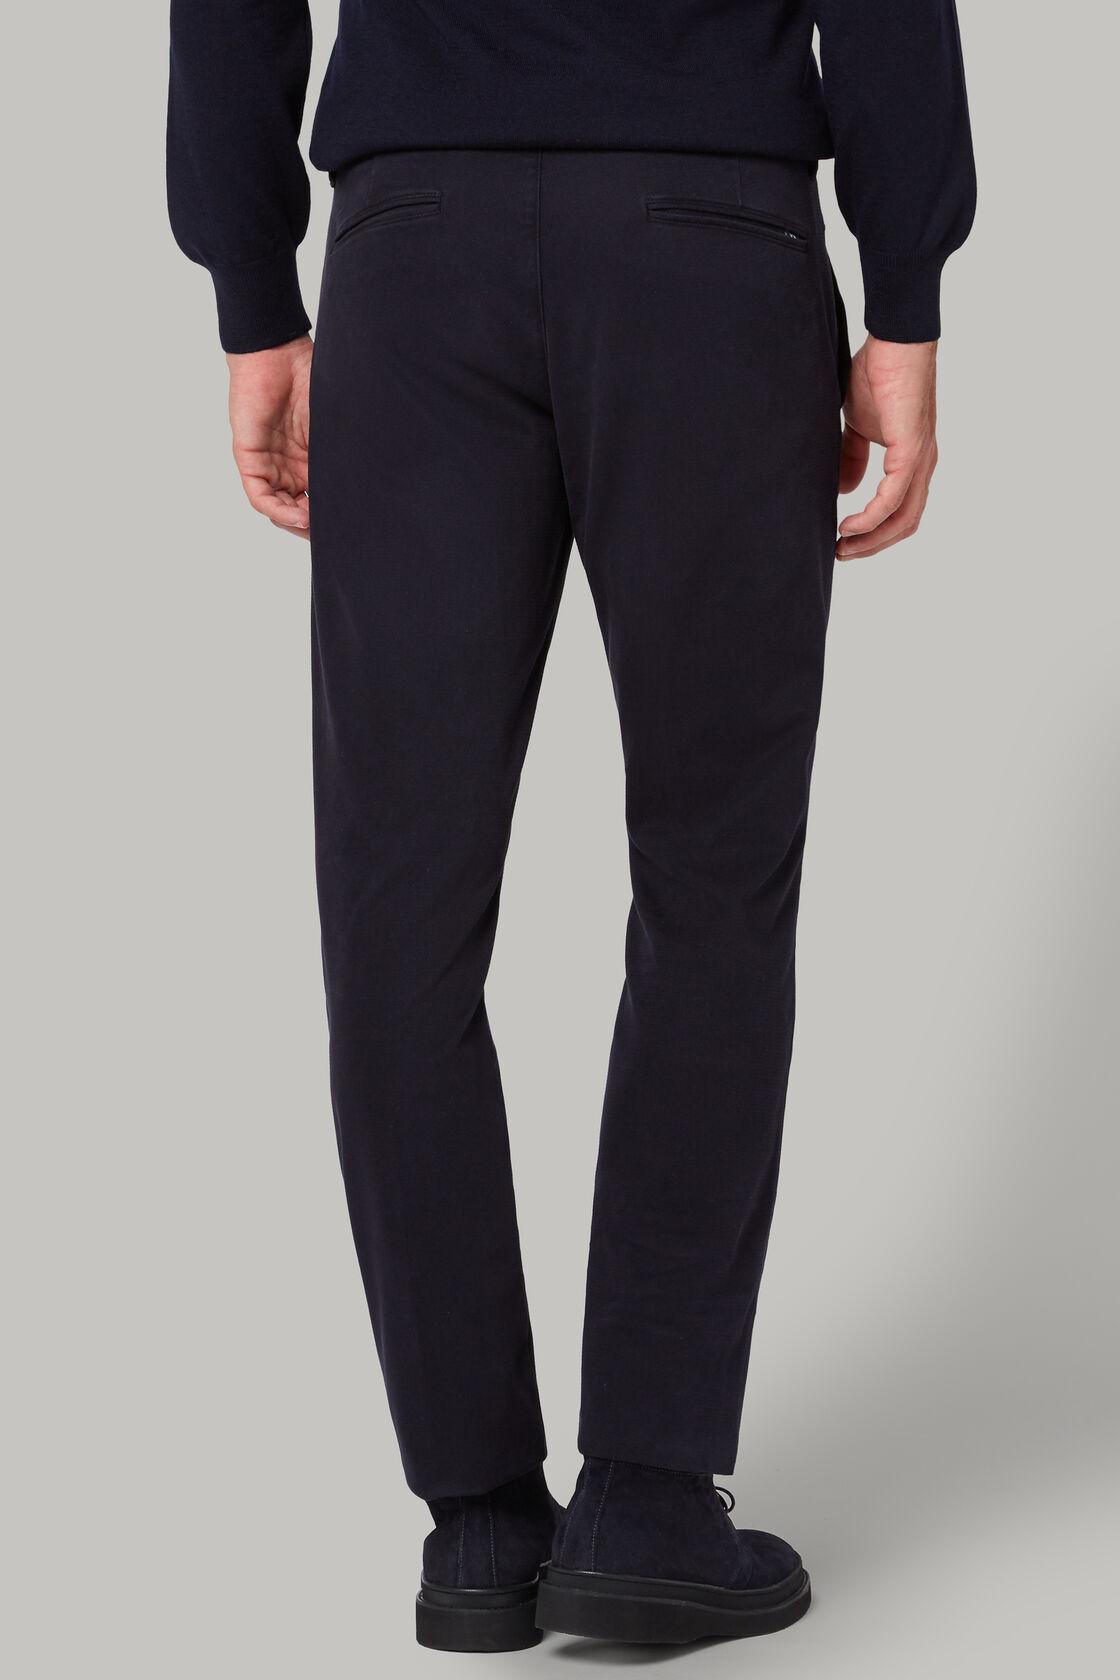 Hose aus baumwoll-tencel-stretch regular fit, Blau, hi-res